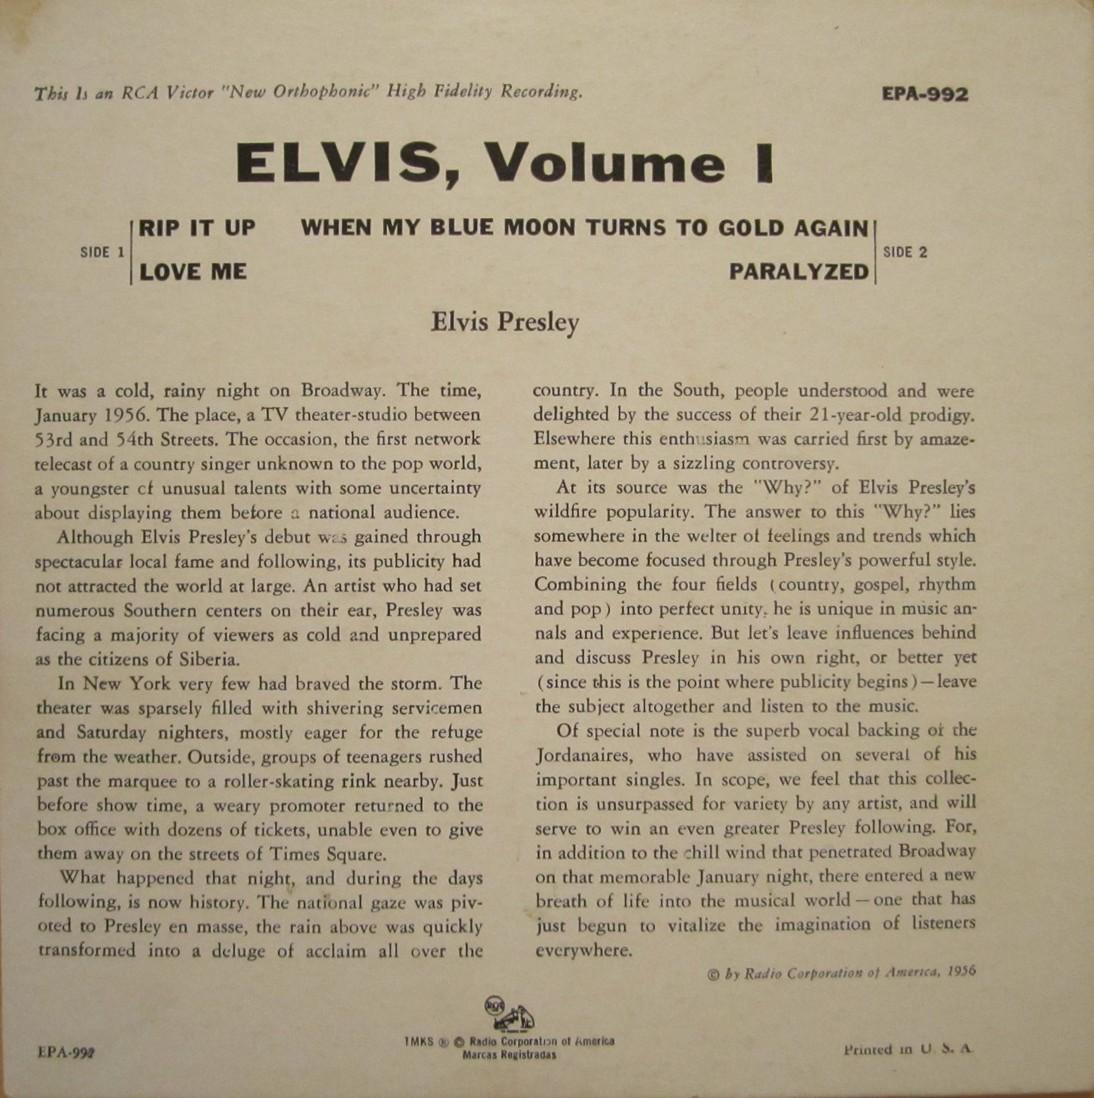 ELVIS VOL. 1 Epa992bjcsaz